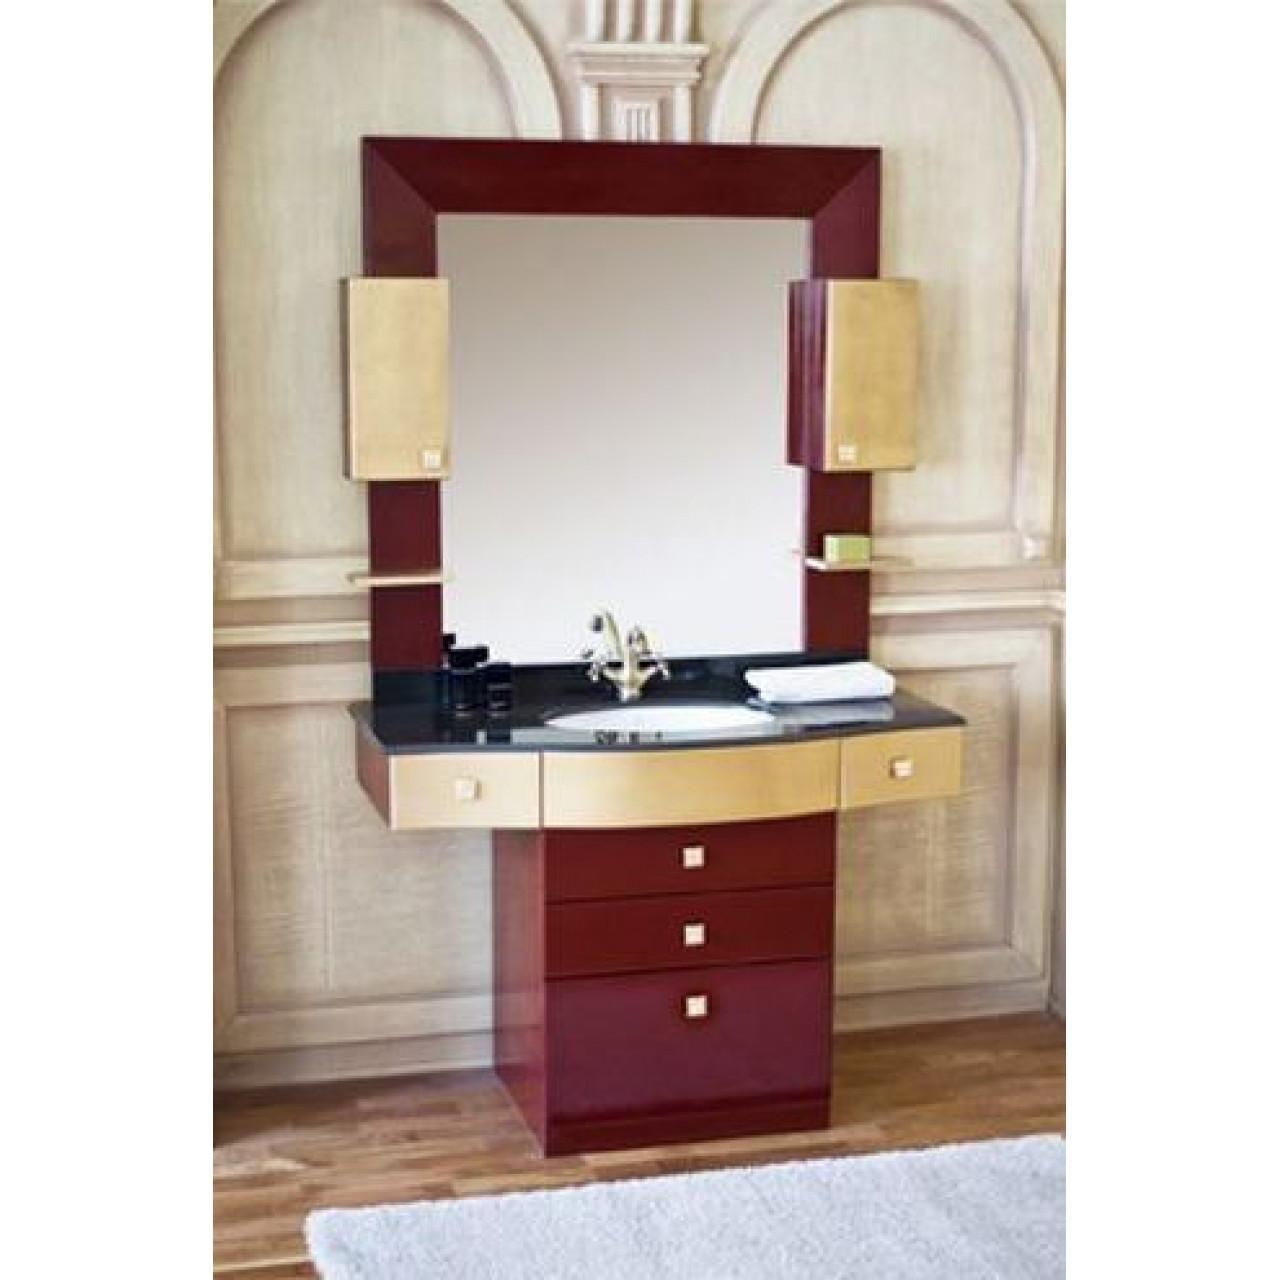 Комплект мебели Аллигатор Квадро C 120 купить в Москве по цене от 109200р. в интернет-магазине mebel-v-vannu.ru